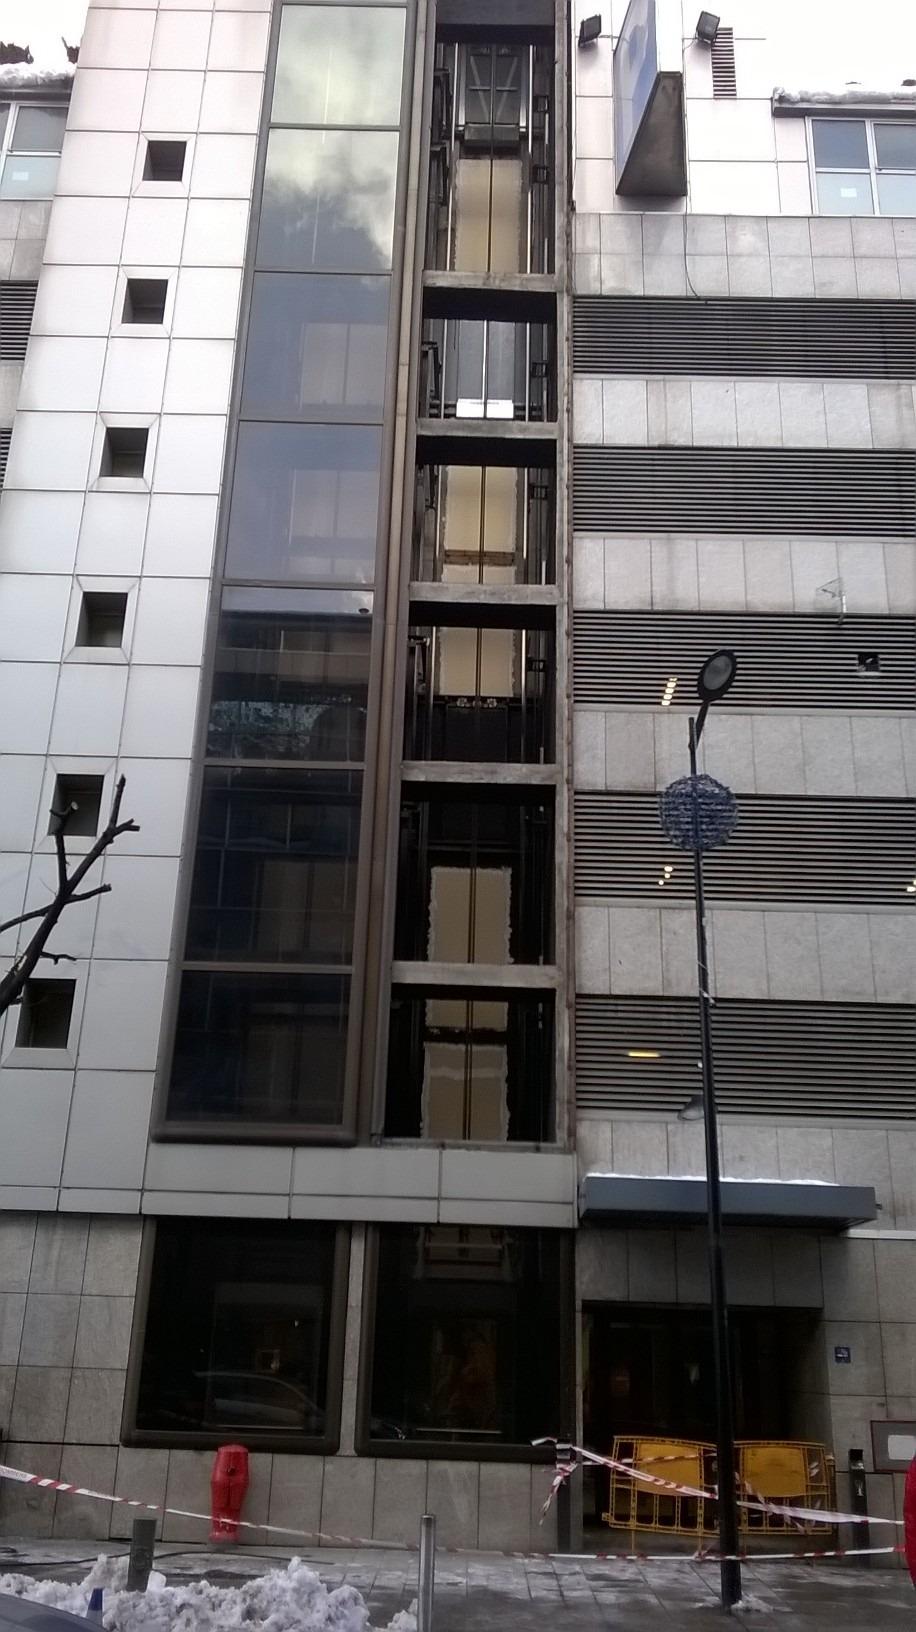 El fort vent trenca els vidres d'un dels ascensors que uneix Prat de la Creu amb la plaça del Poble